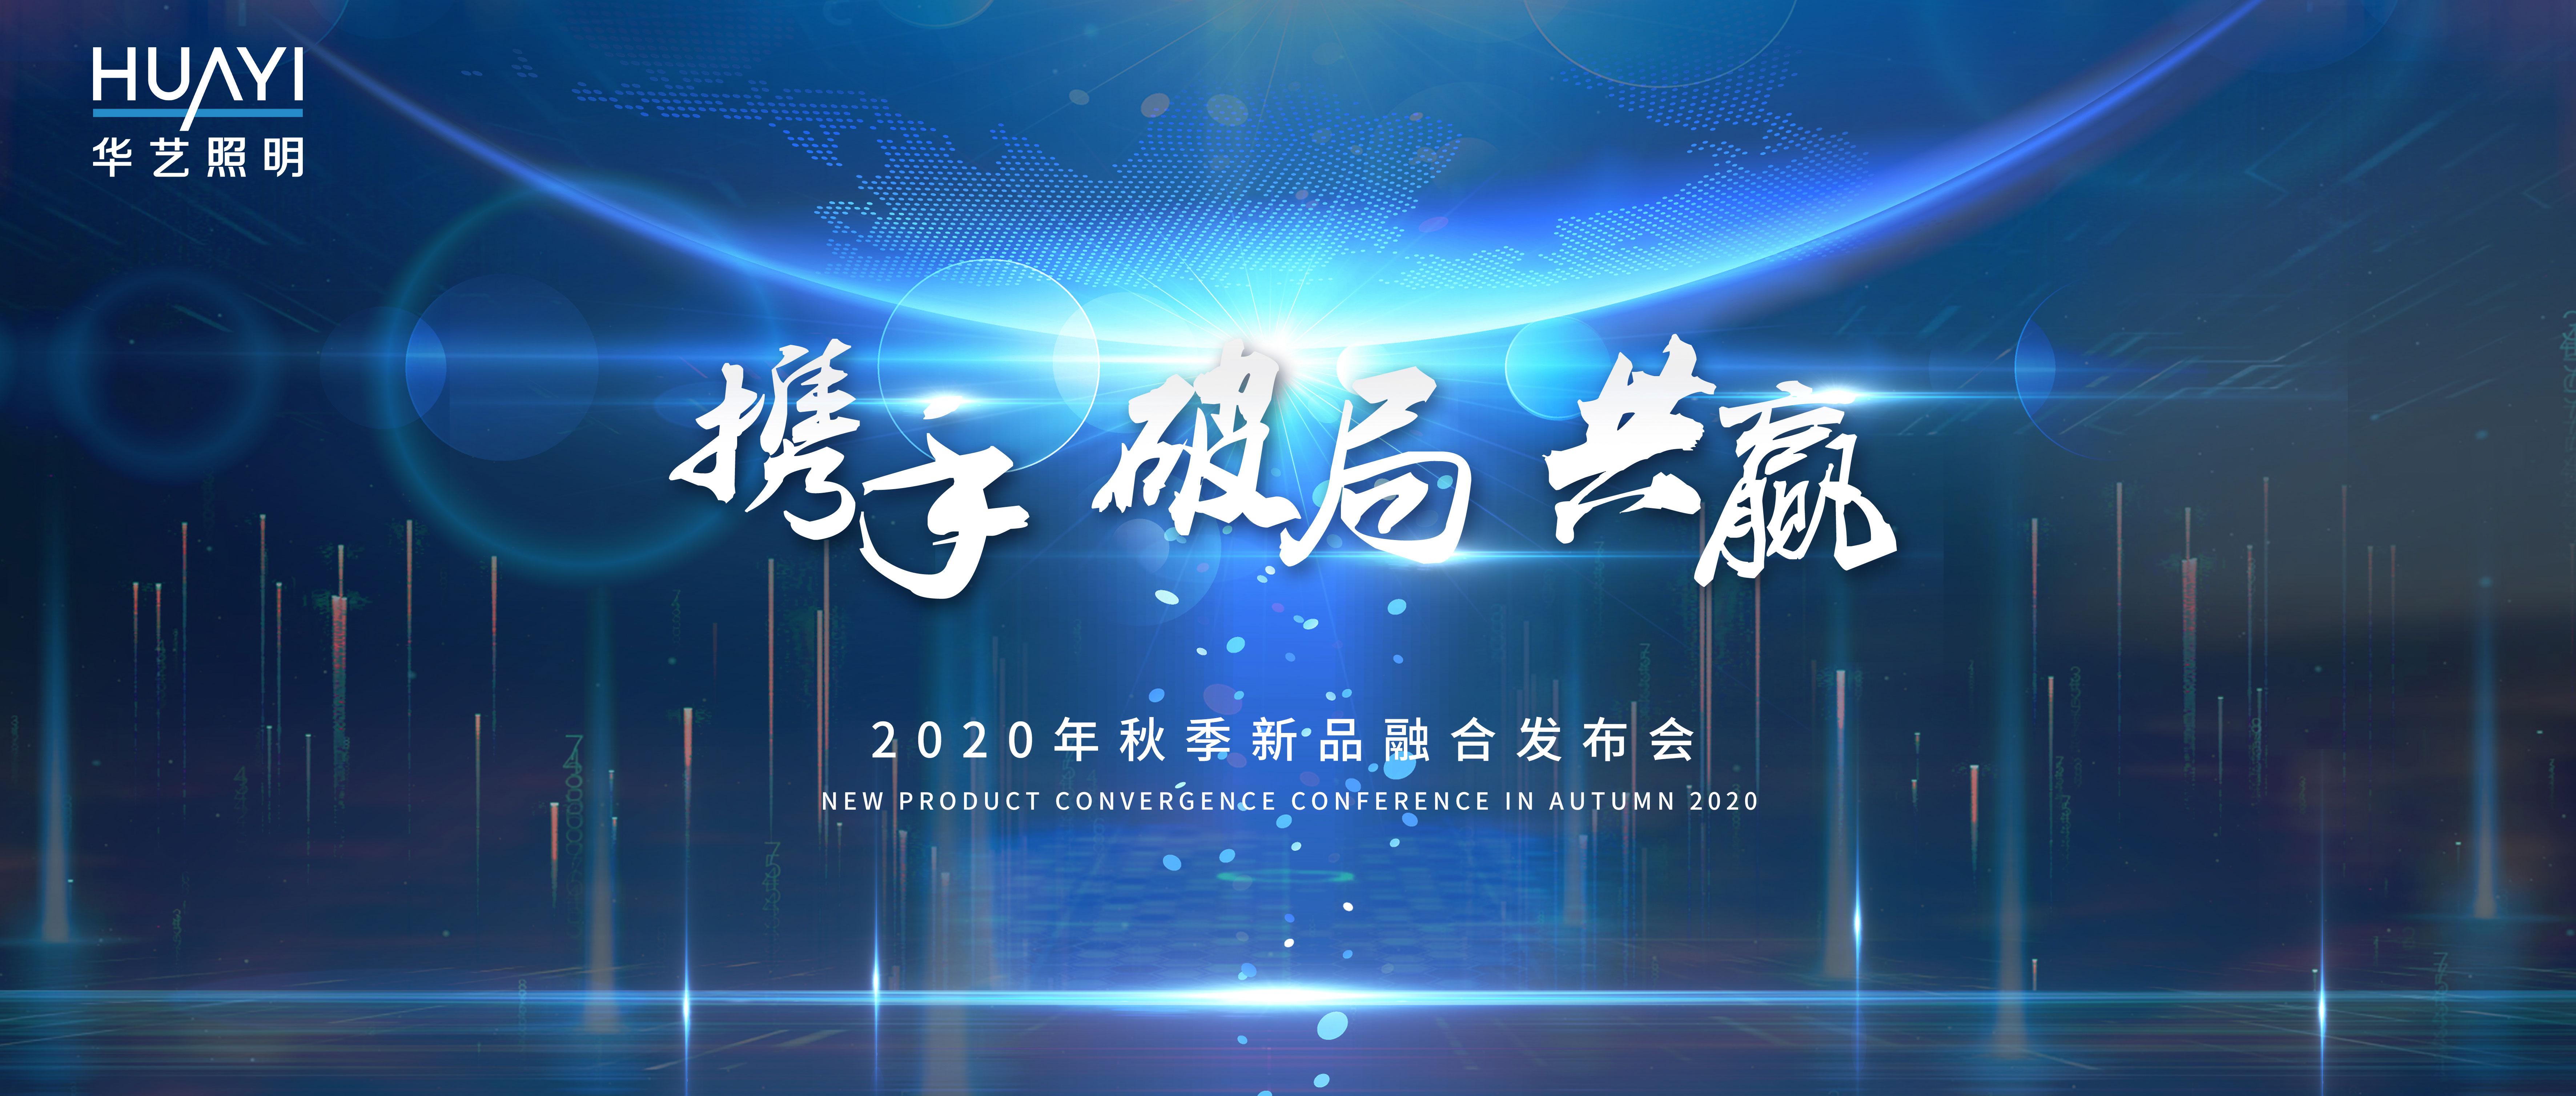 华艺照明2020年秋季新品融合发布会圆满收官